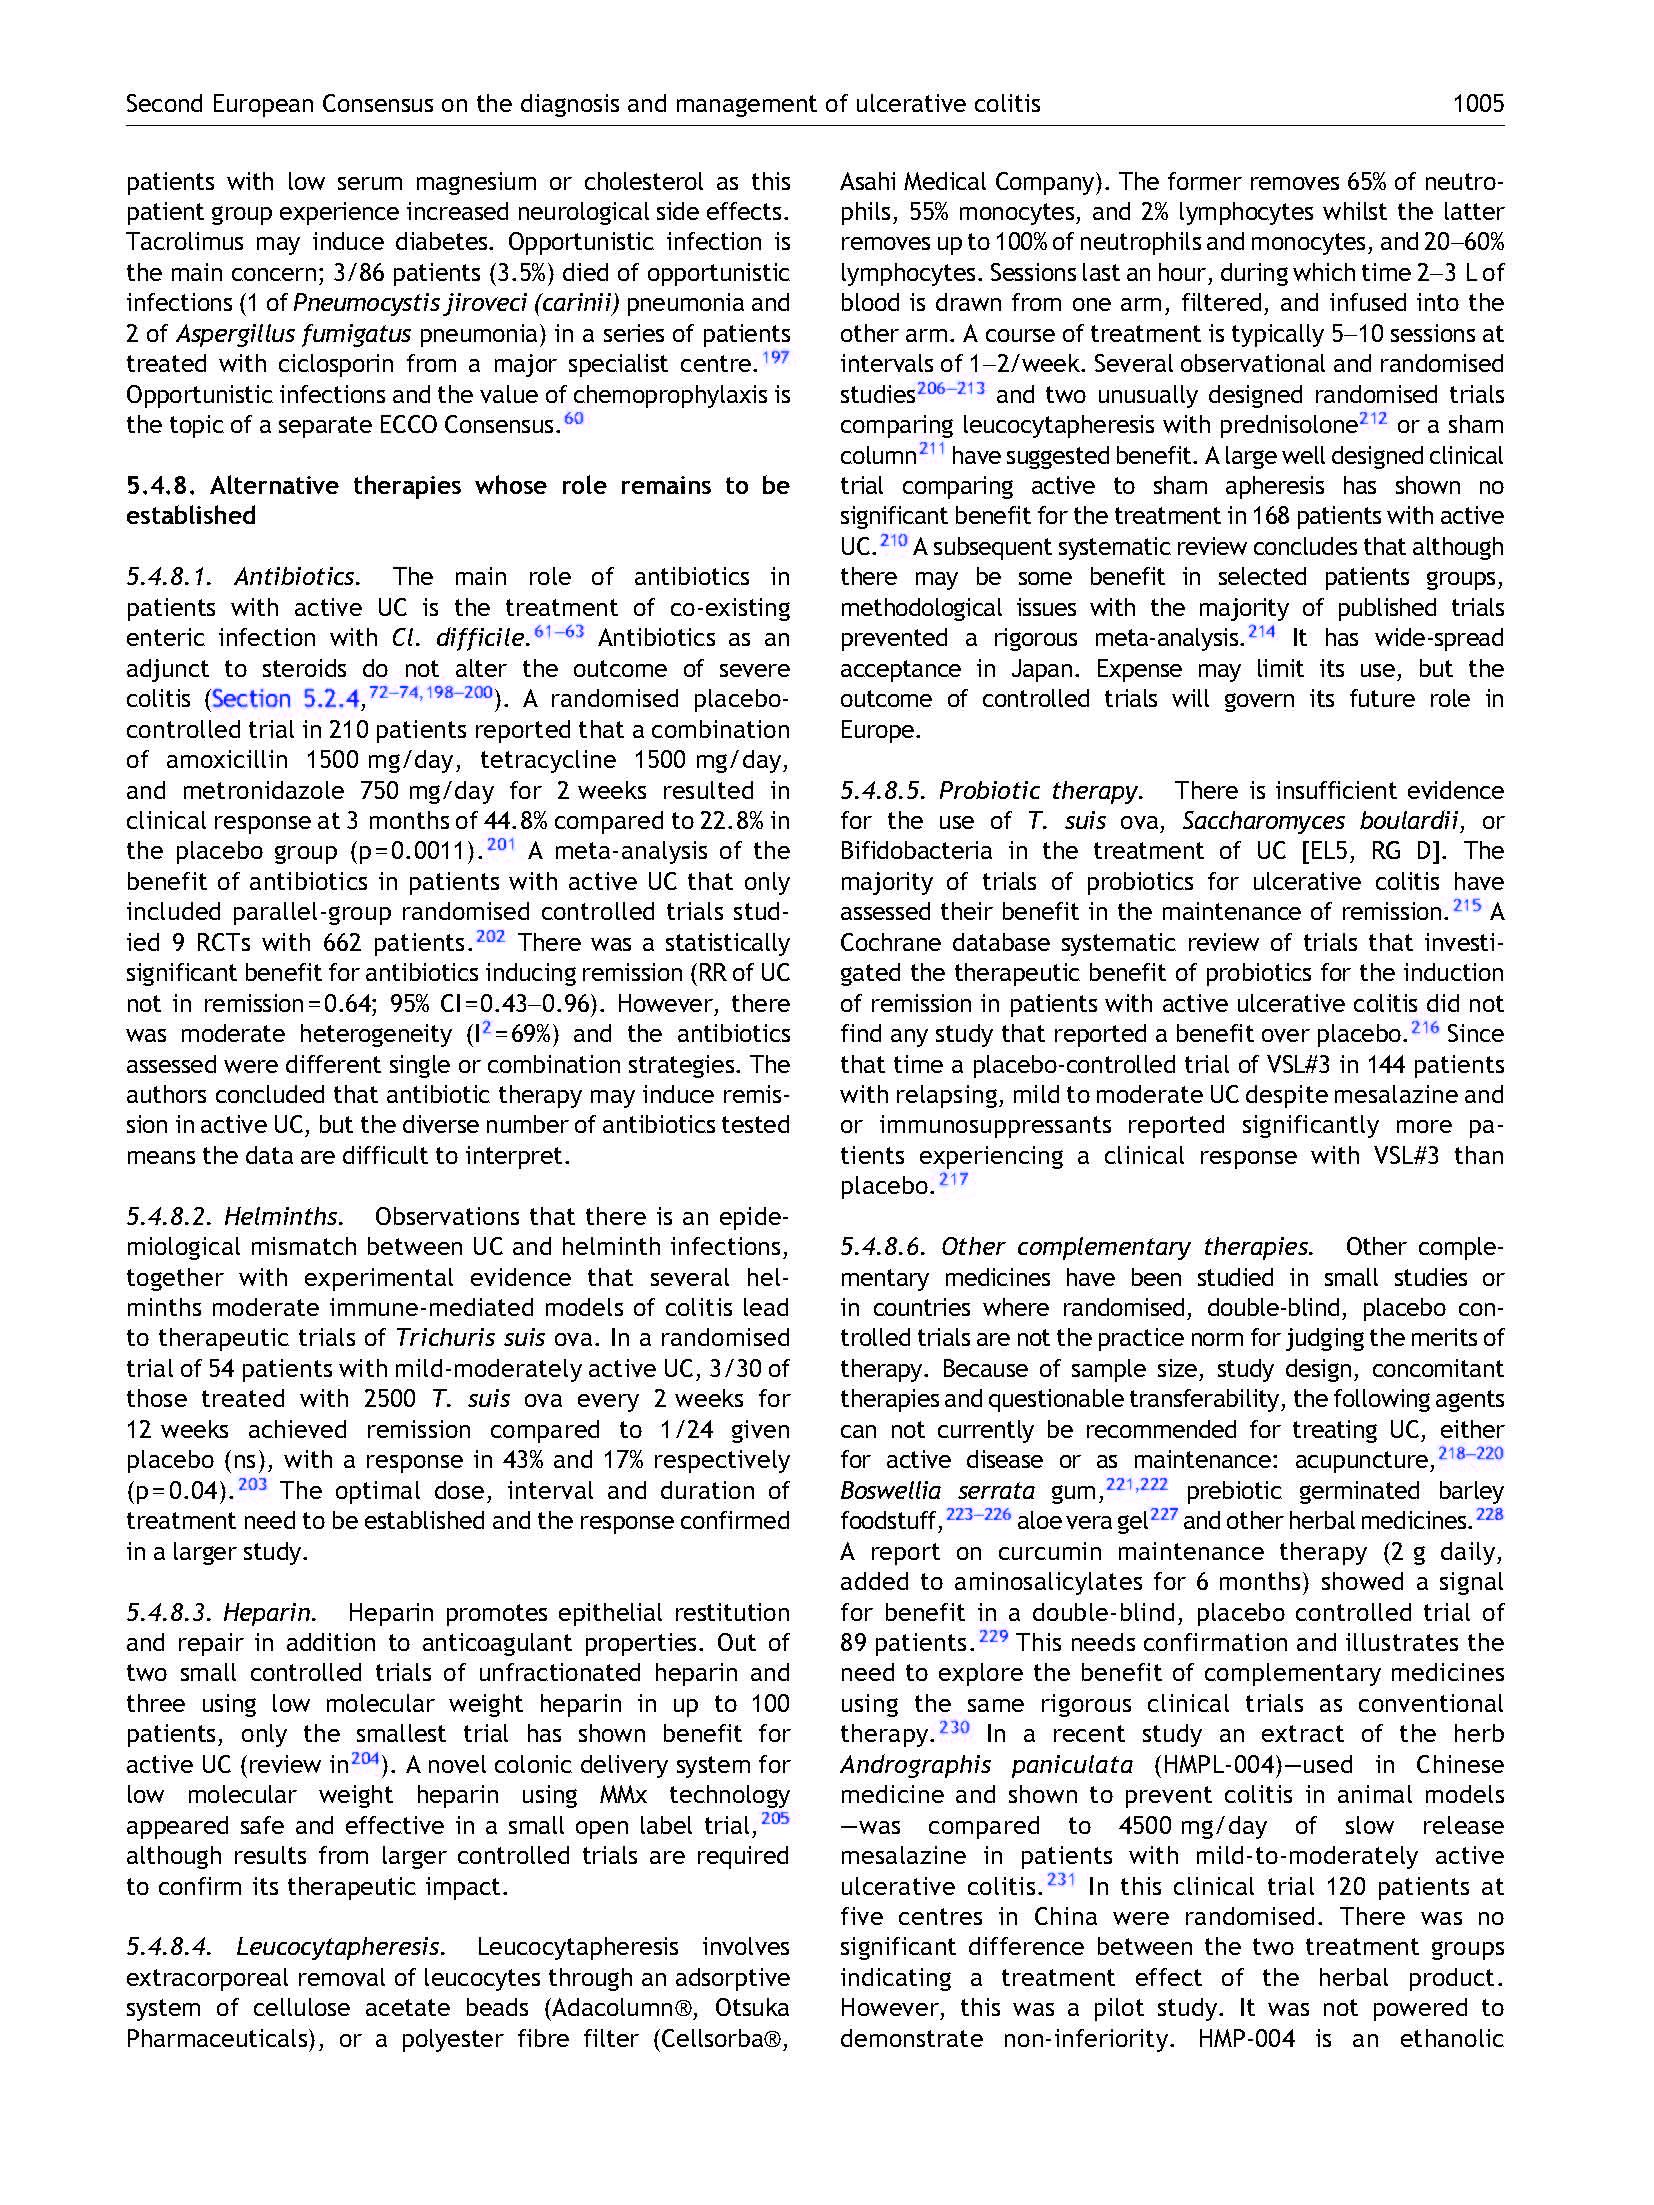 2012-ECCO第二版-欧洲询证共识:溃疡性结肠炎的诊断和处理—日常处理_页面_15.jpg